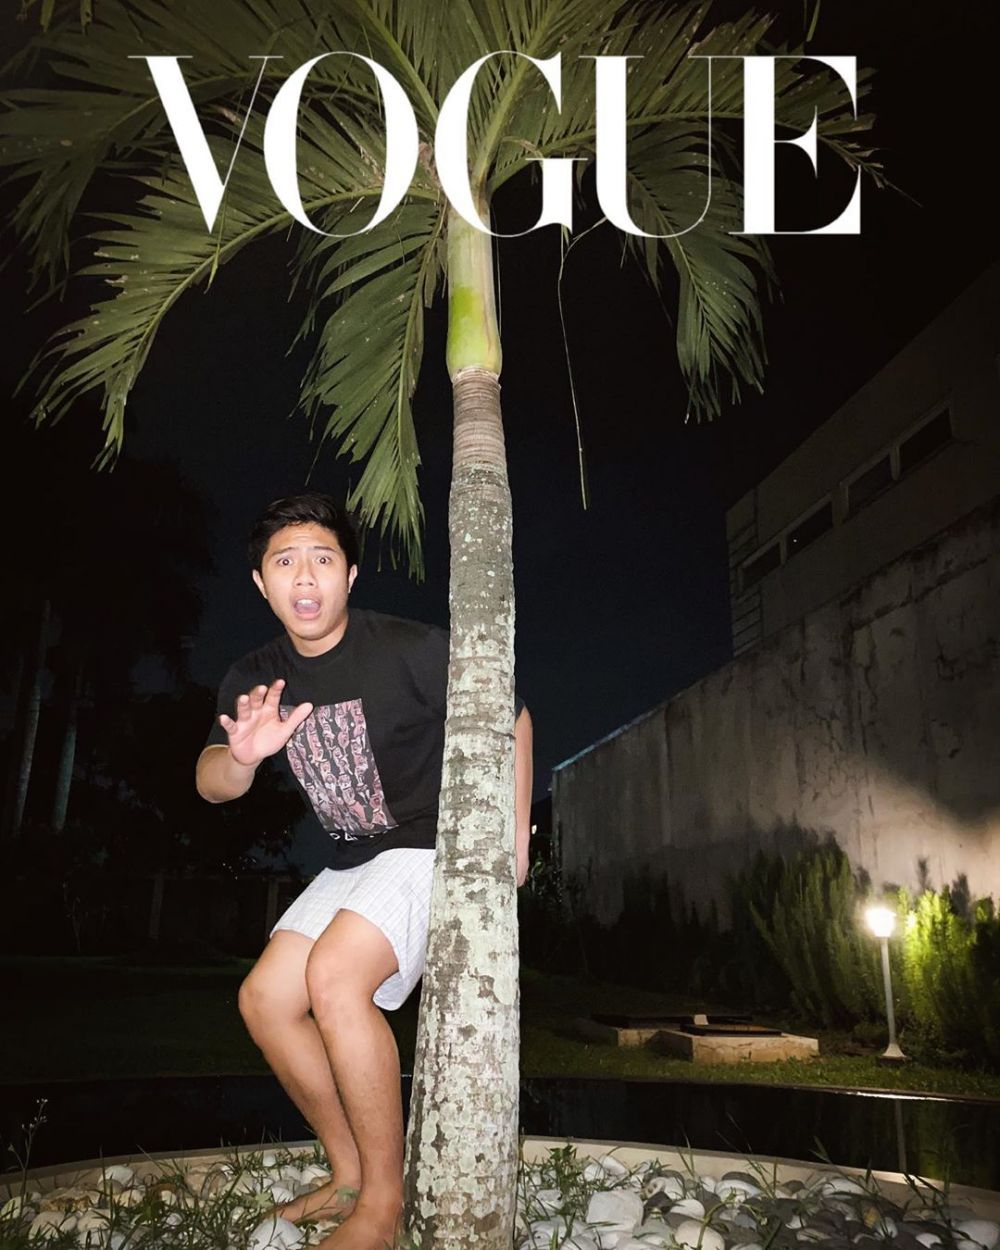 Vogue Challenge kocak Instagram